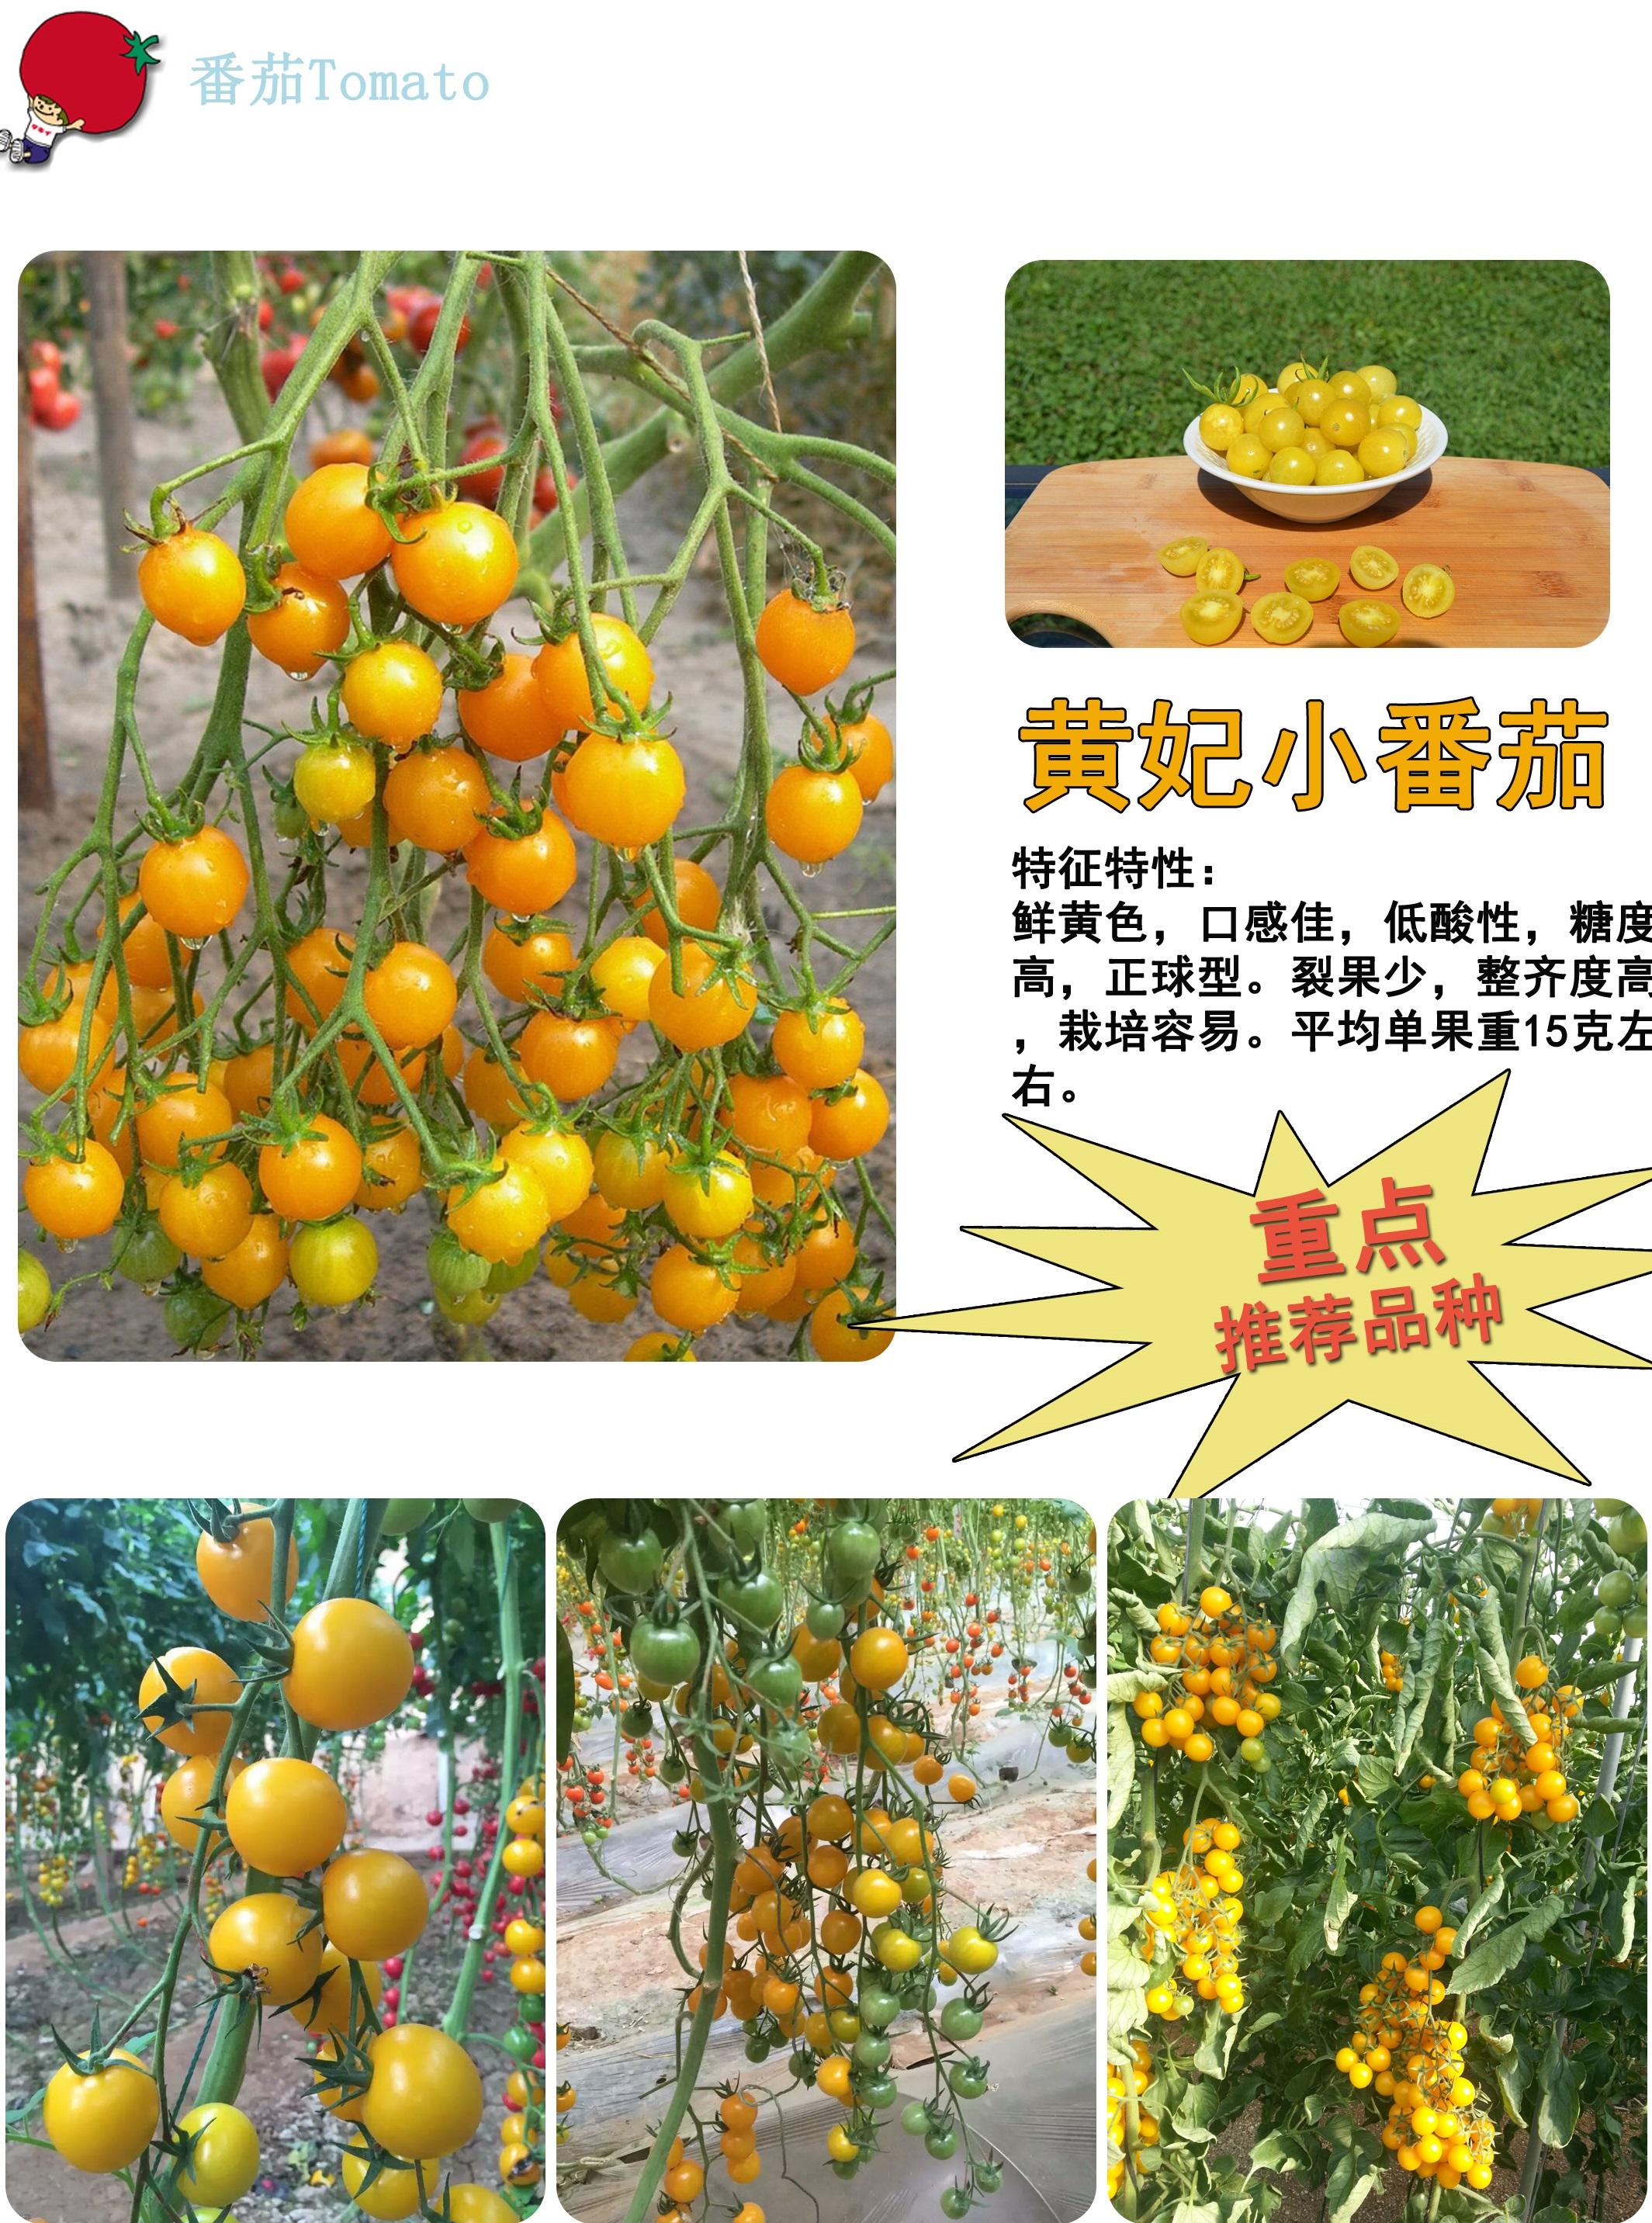 日本原装进口黄妃樱桃番茄种子